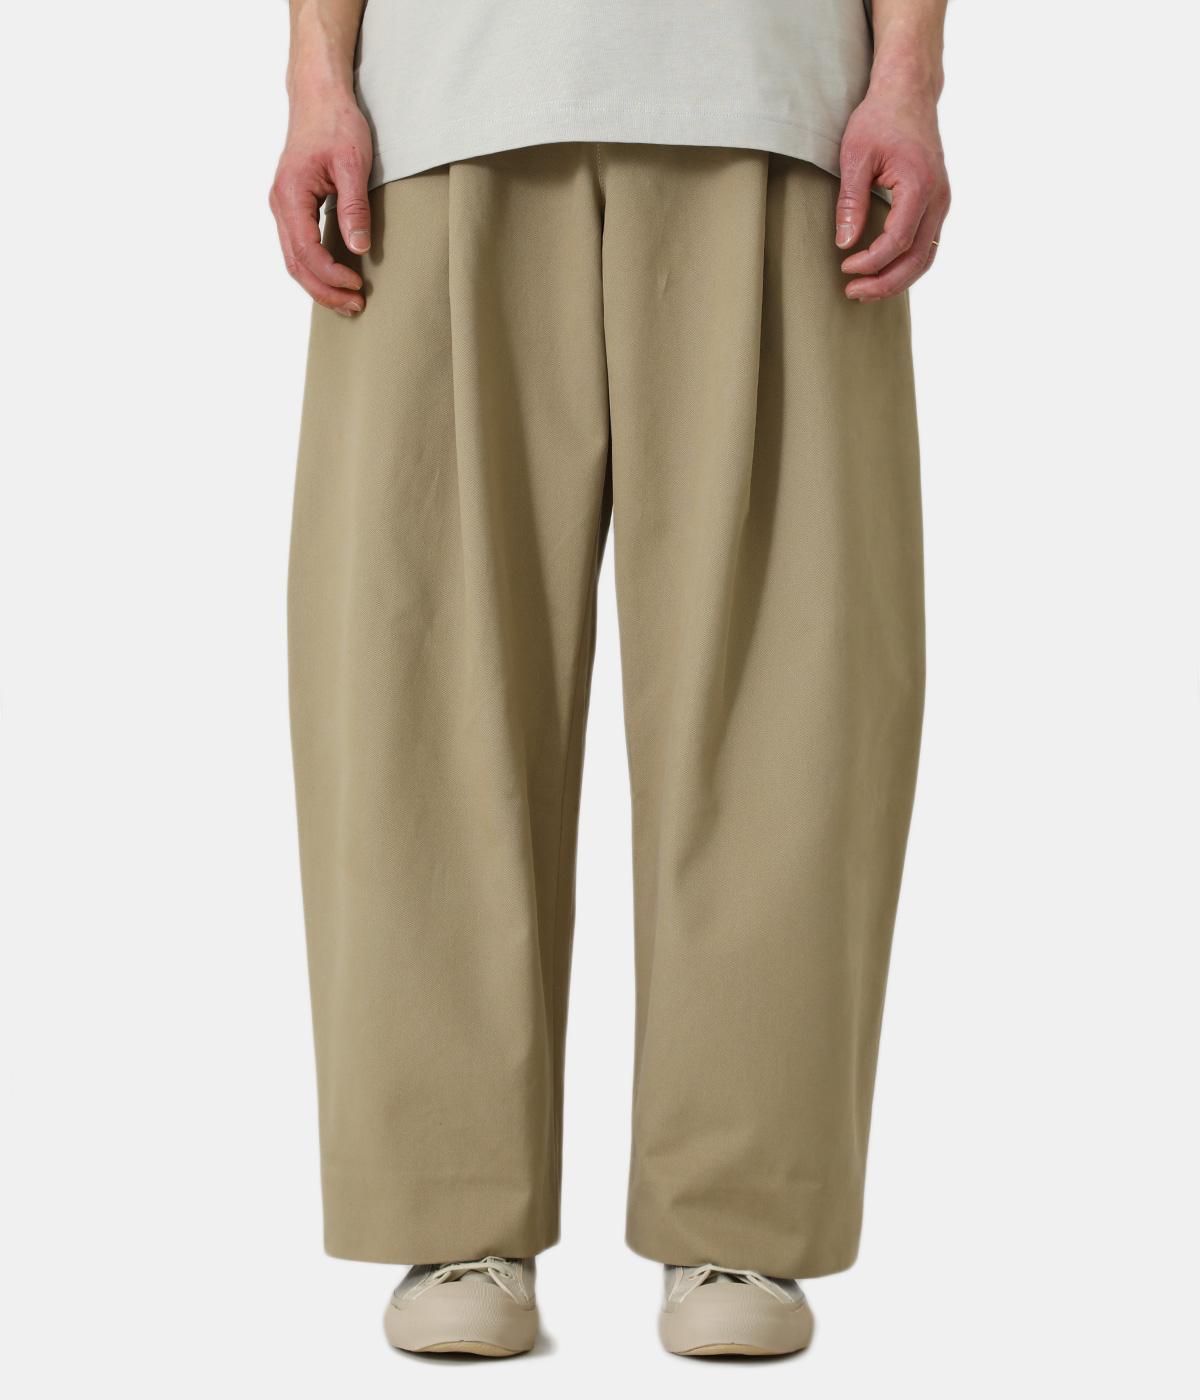 【予約】SORTE PEACHED COTTON TWILL VOLUME PLEAT PANTS